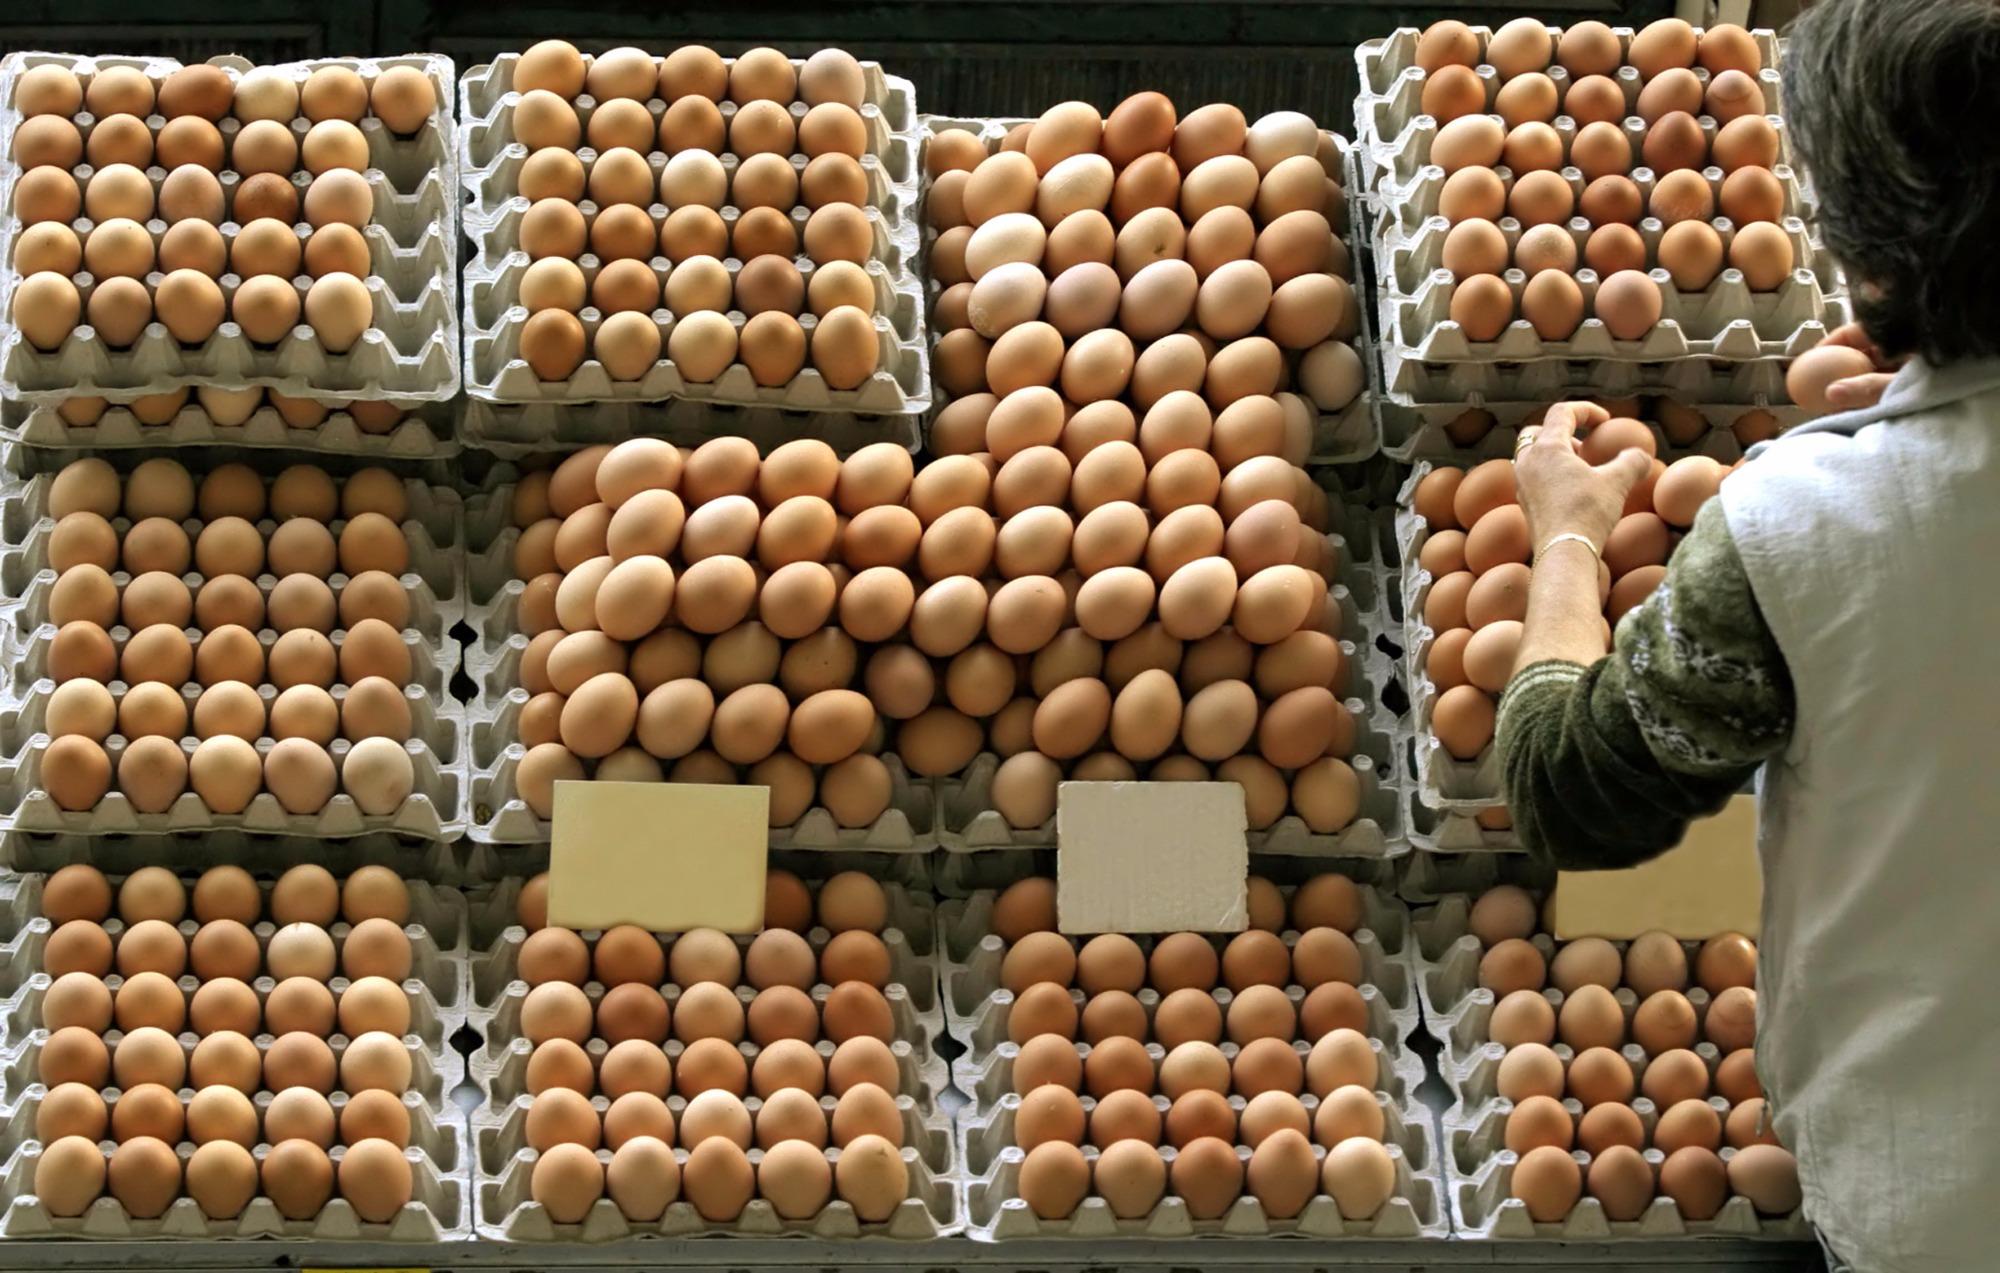 Mercado de ovos teve desvalorização na semana